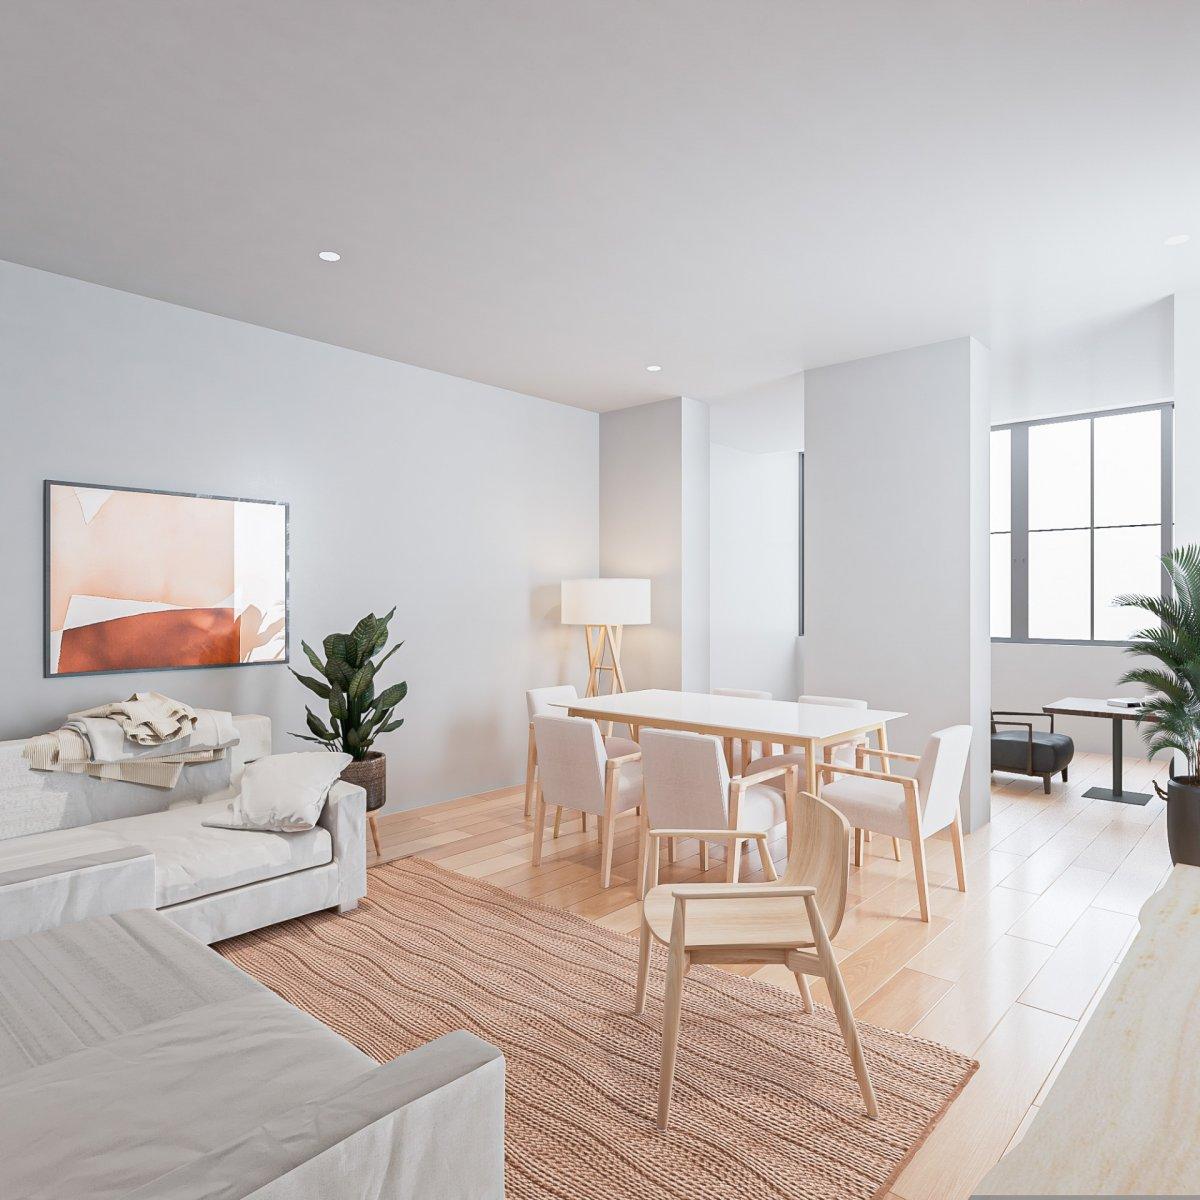 Vivienda familiar con 5 dormitorios y terraza de 25m2 – KEA-0164